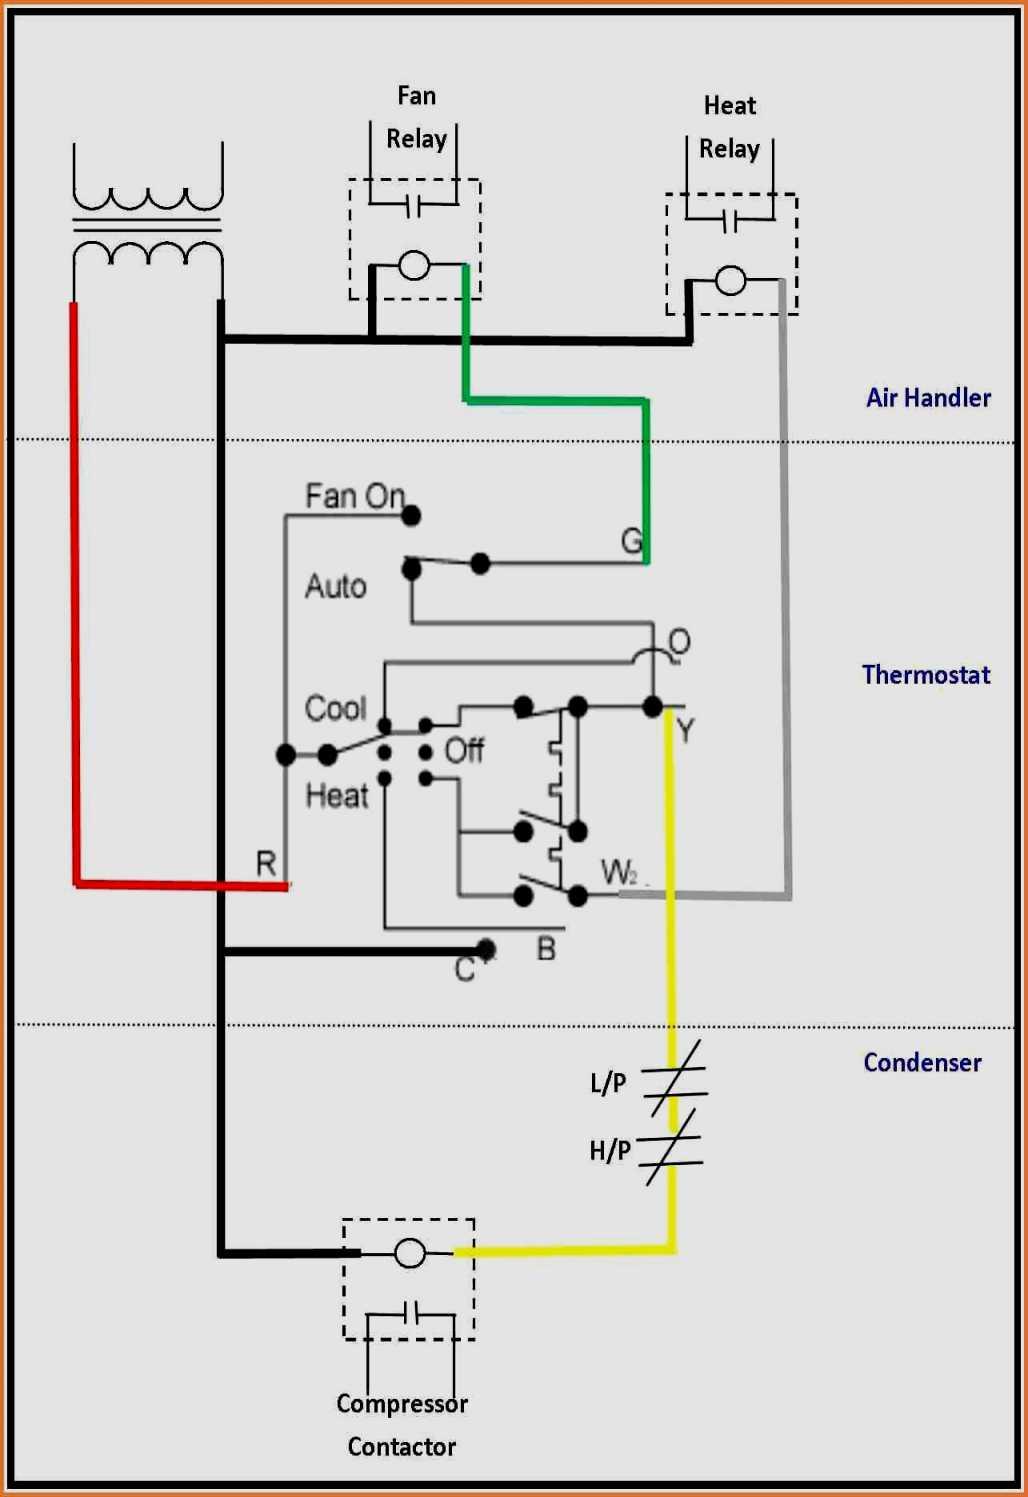 Air Conditioner Wiring Diagram Pdf Car Air Conditioning Wiring Diagram Electrical For Wiring Diagram